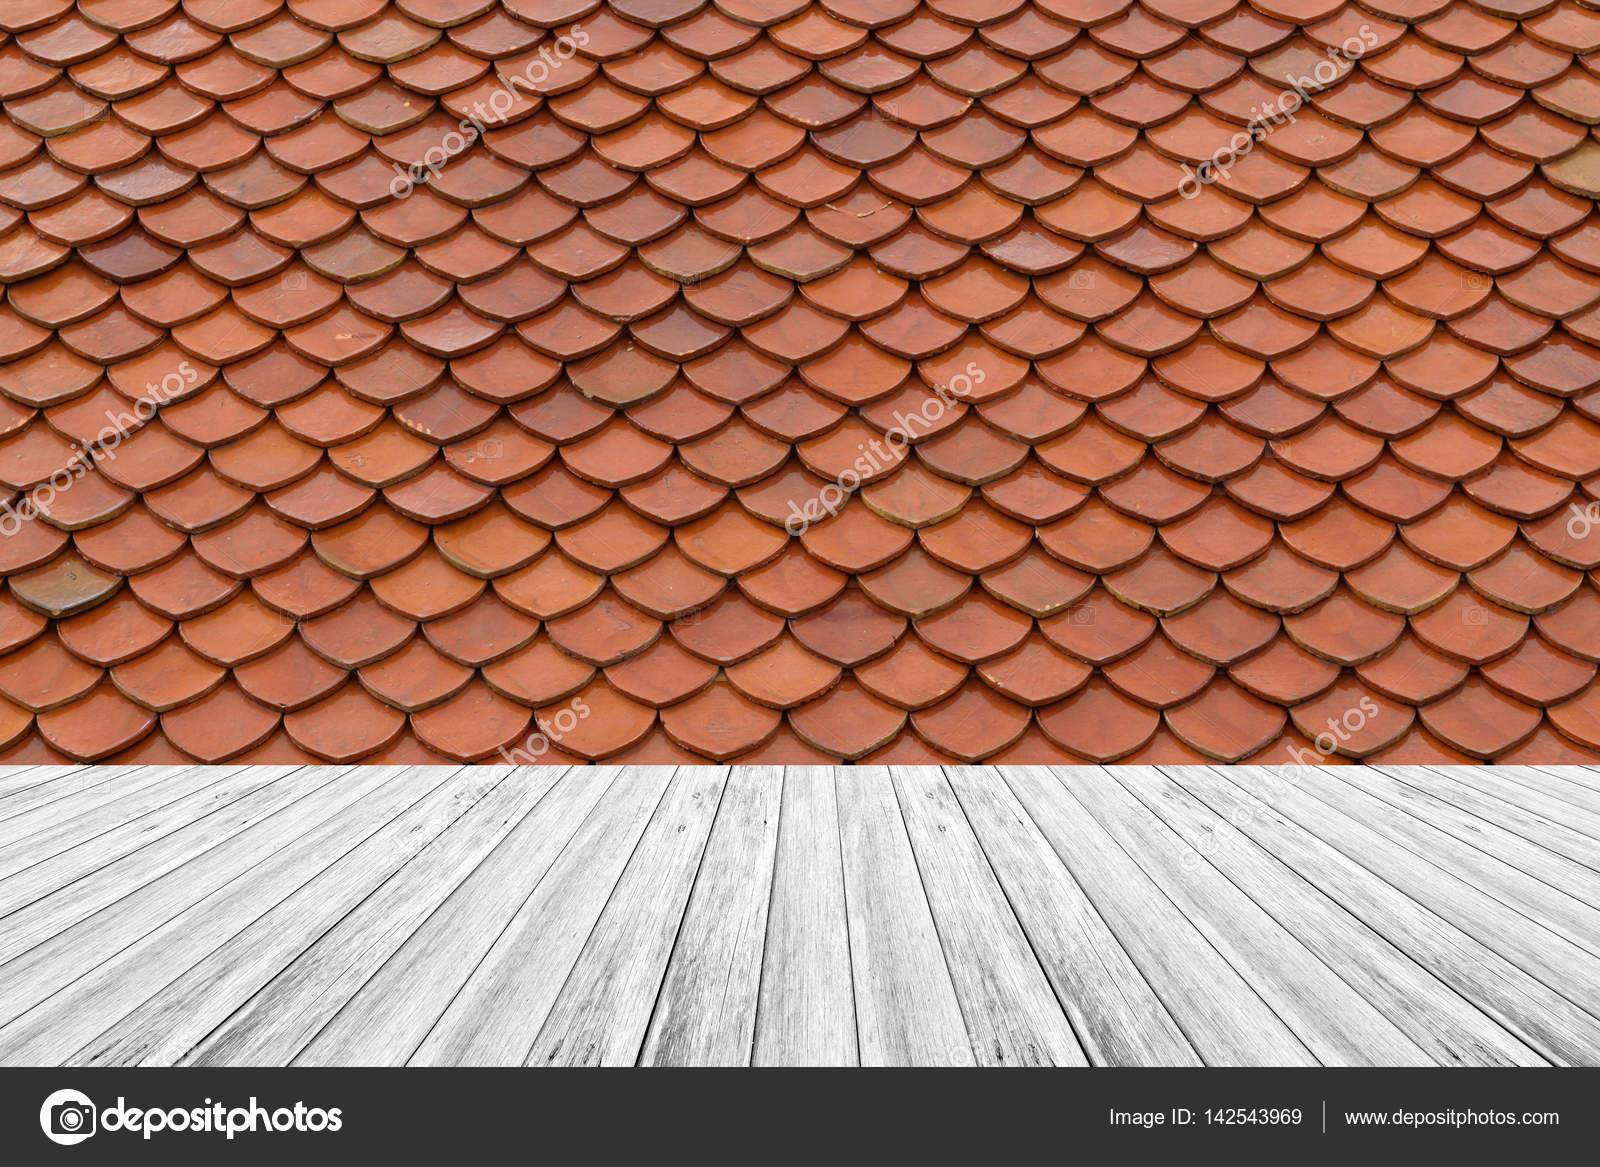 Terraza De Madera Y Azulejo De Azotea De Textura Fotos De